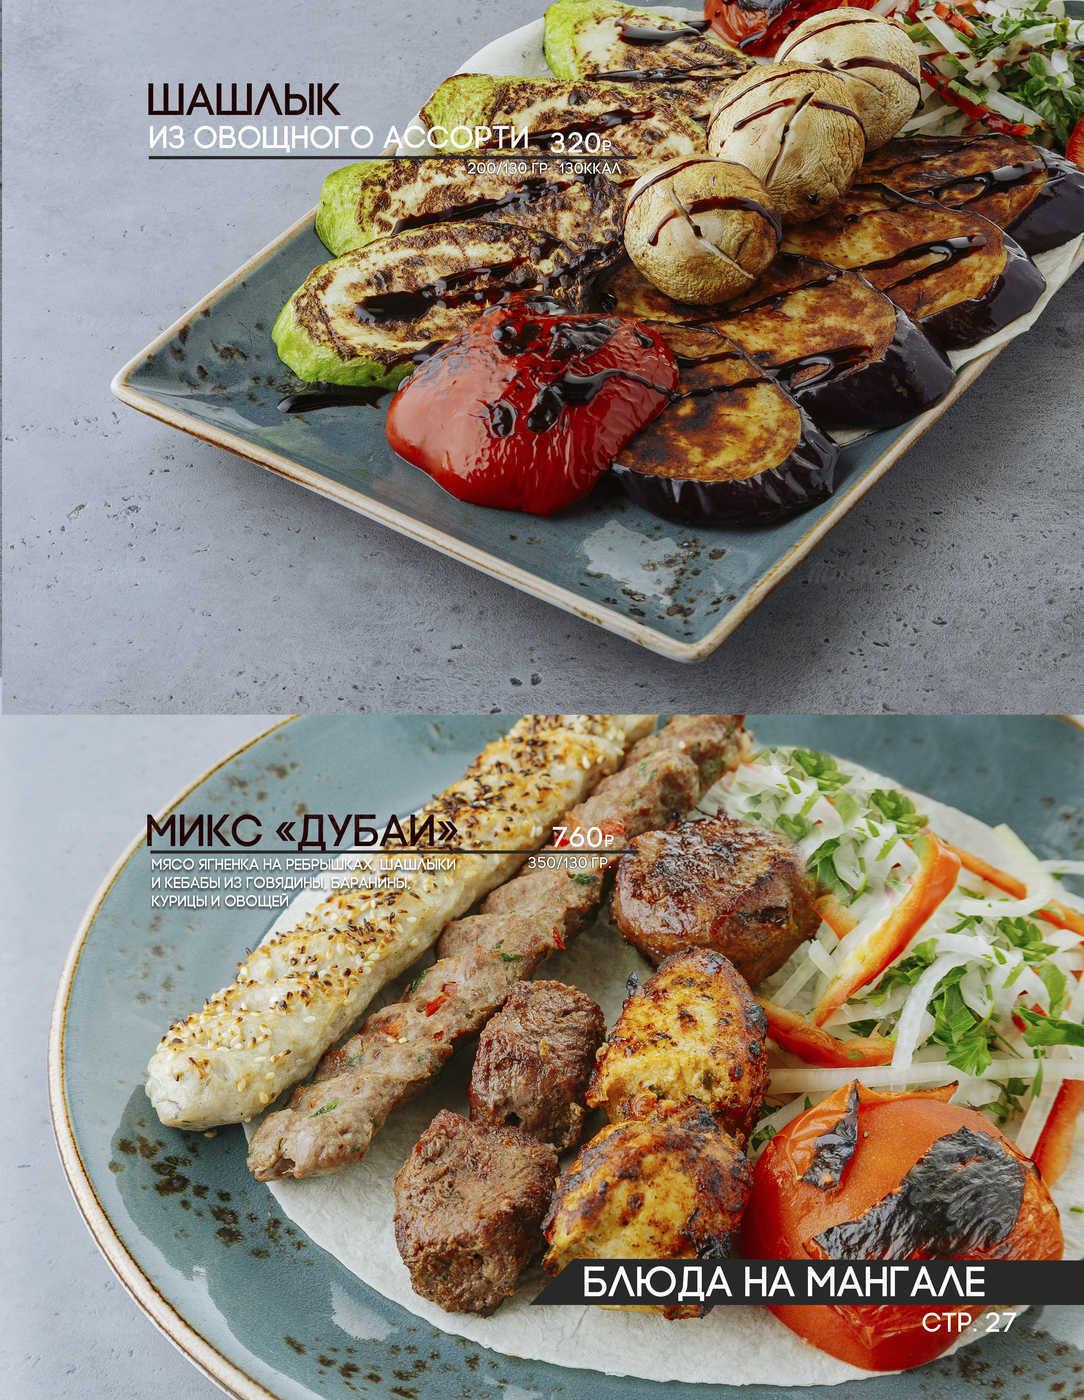 Меню ресторана Эмираты на проспекте Стачек фото 23